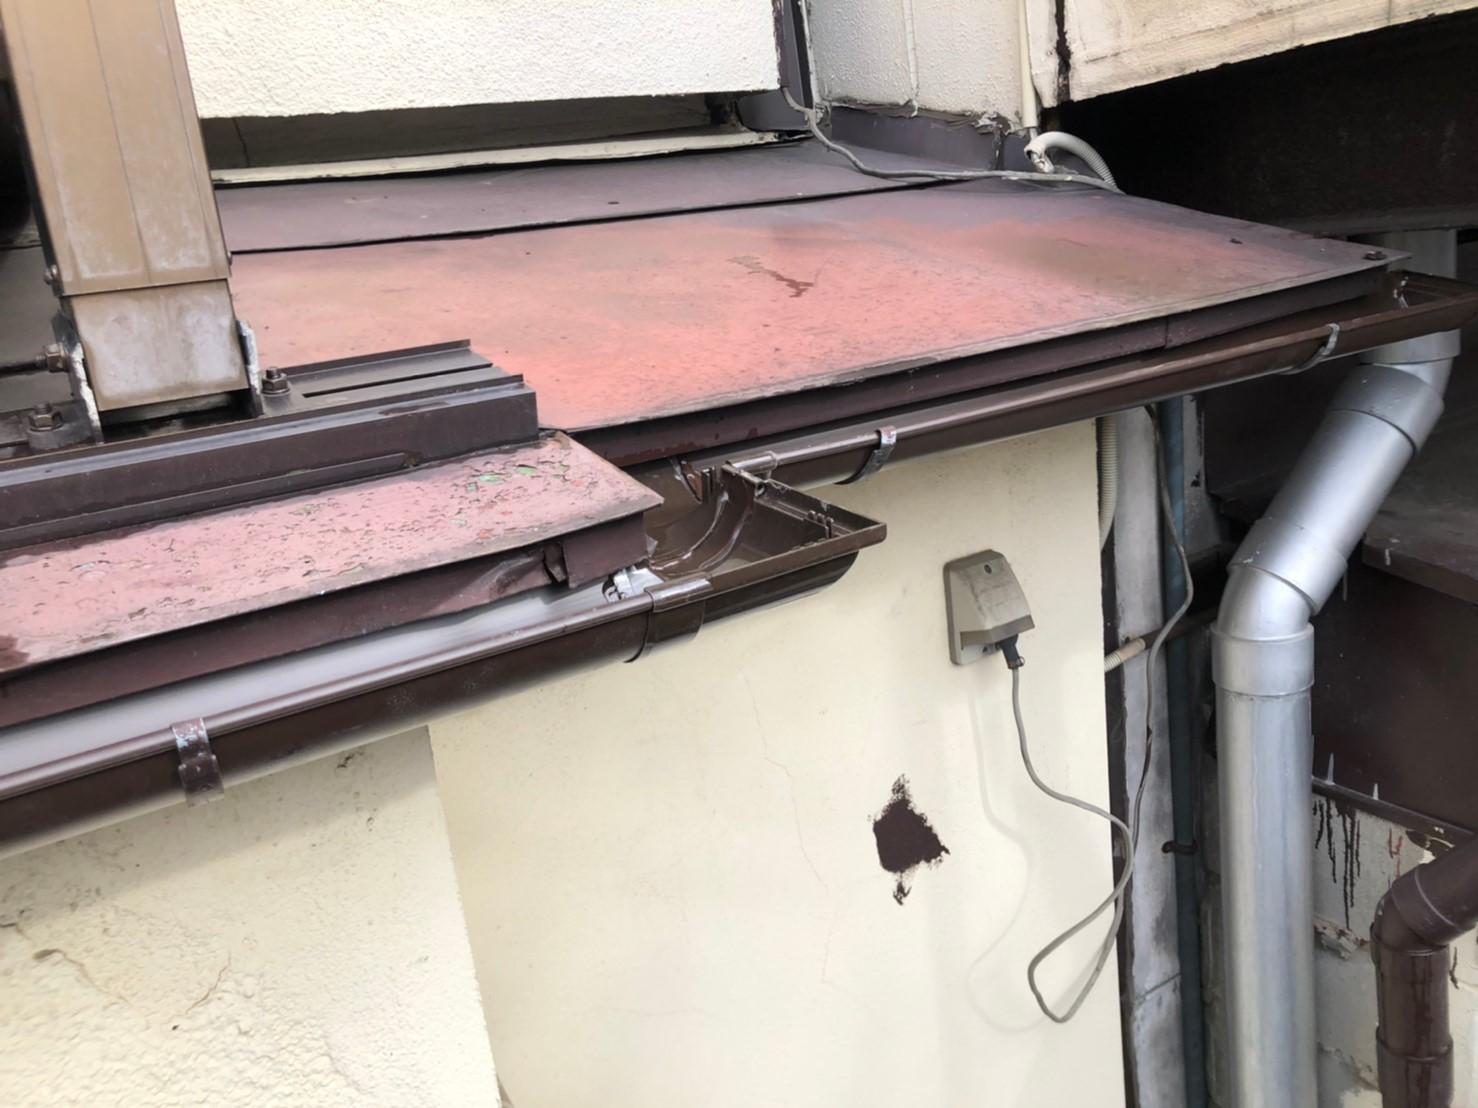 【施工完了報告!】雨どい&波板の損傷を保険申請!埼玉県狭山市にて実質負担額0円工事を実施!